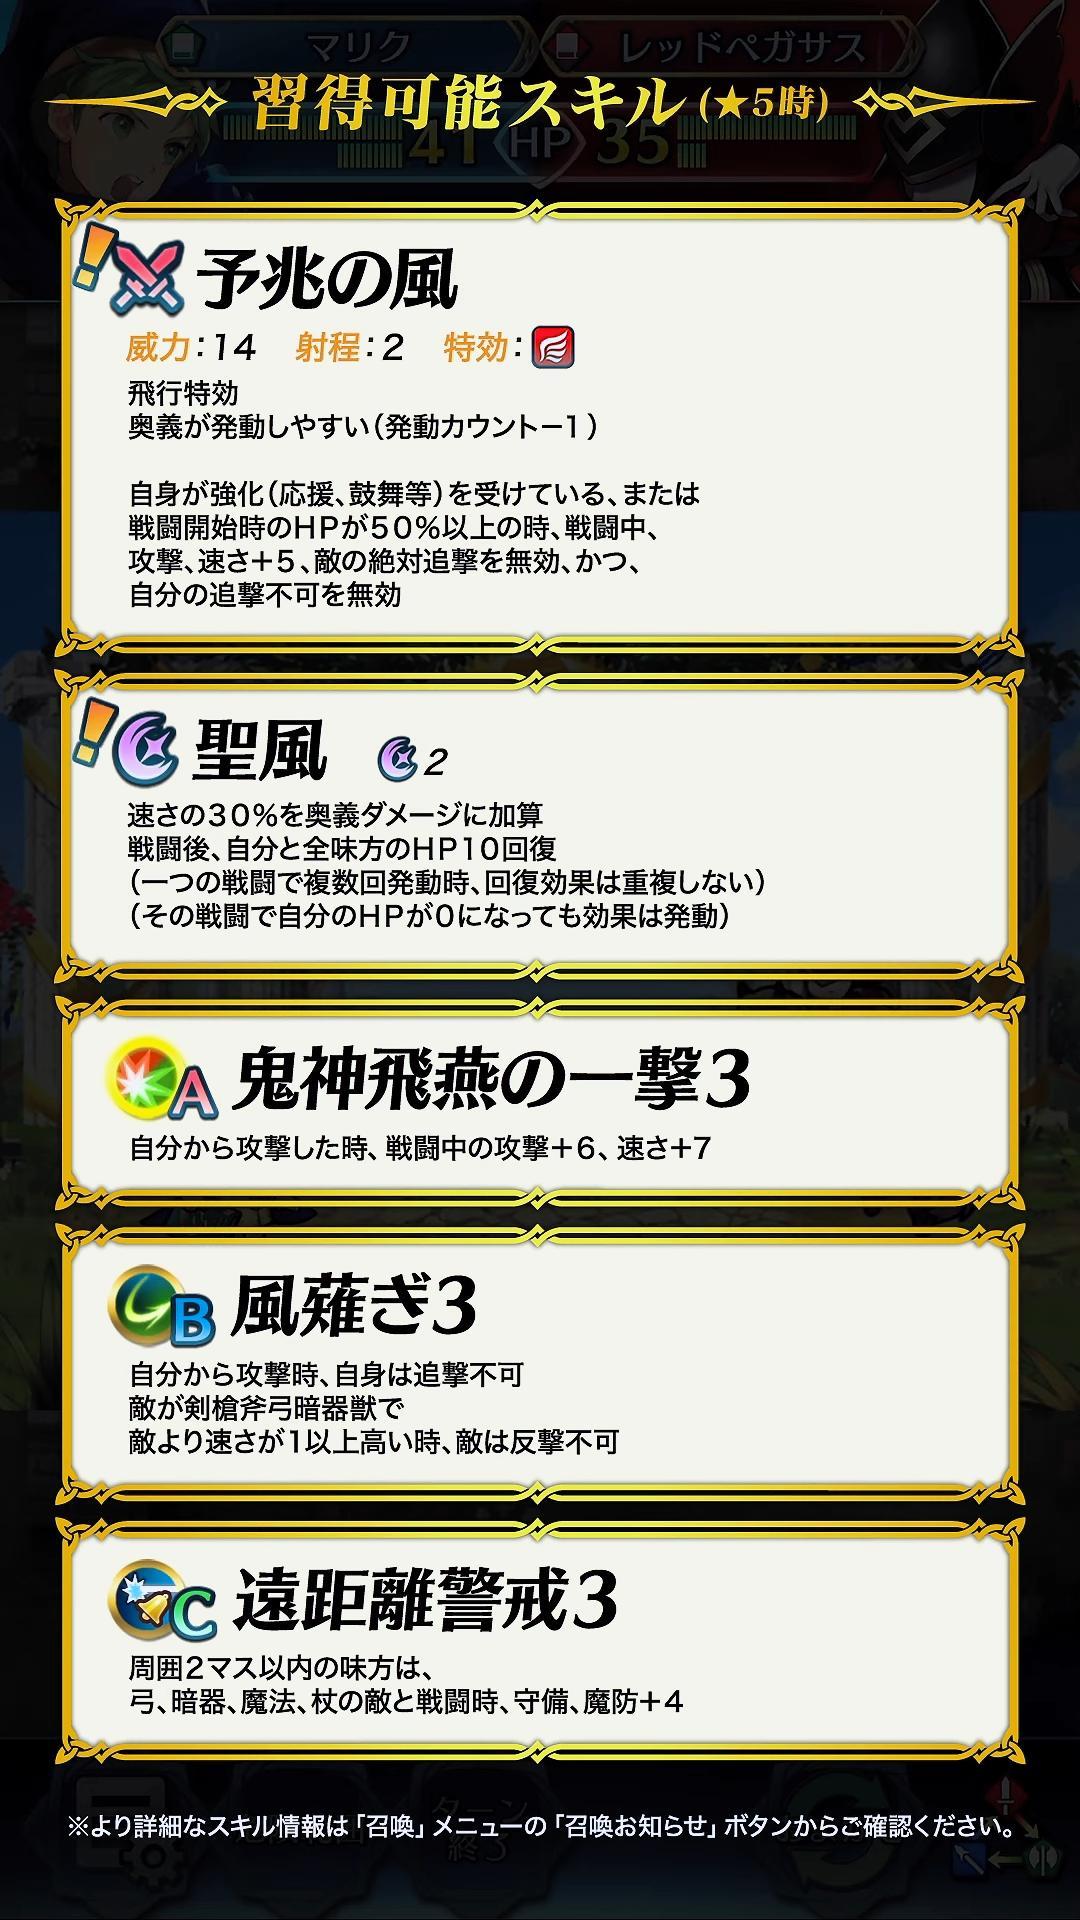 o9um6X9 - 【悲報】ファイアーエムブレムヒーローズさん、終わる